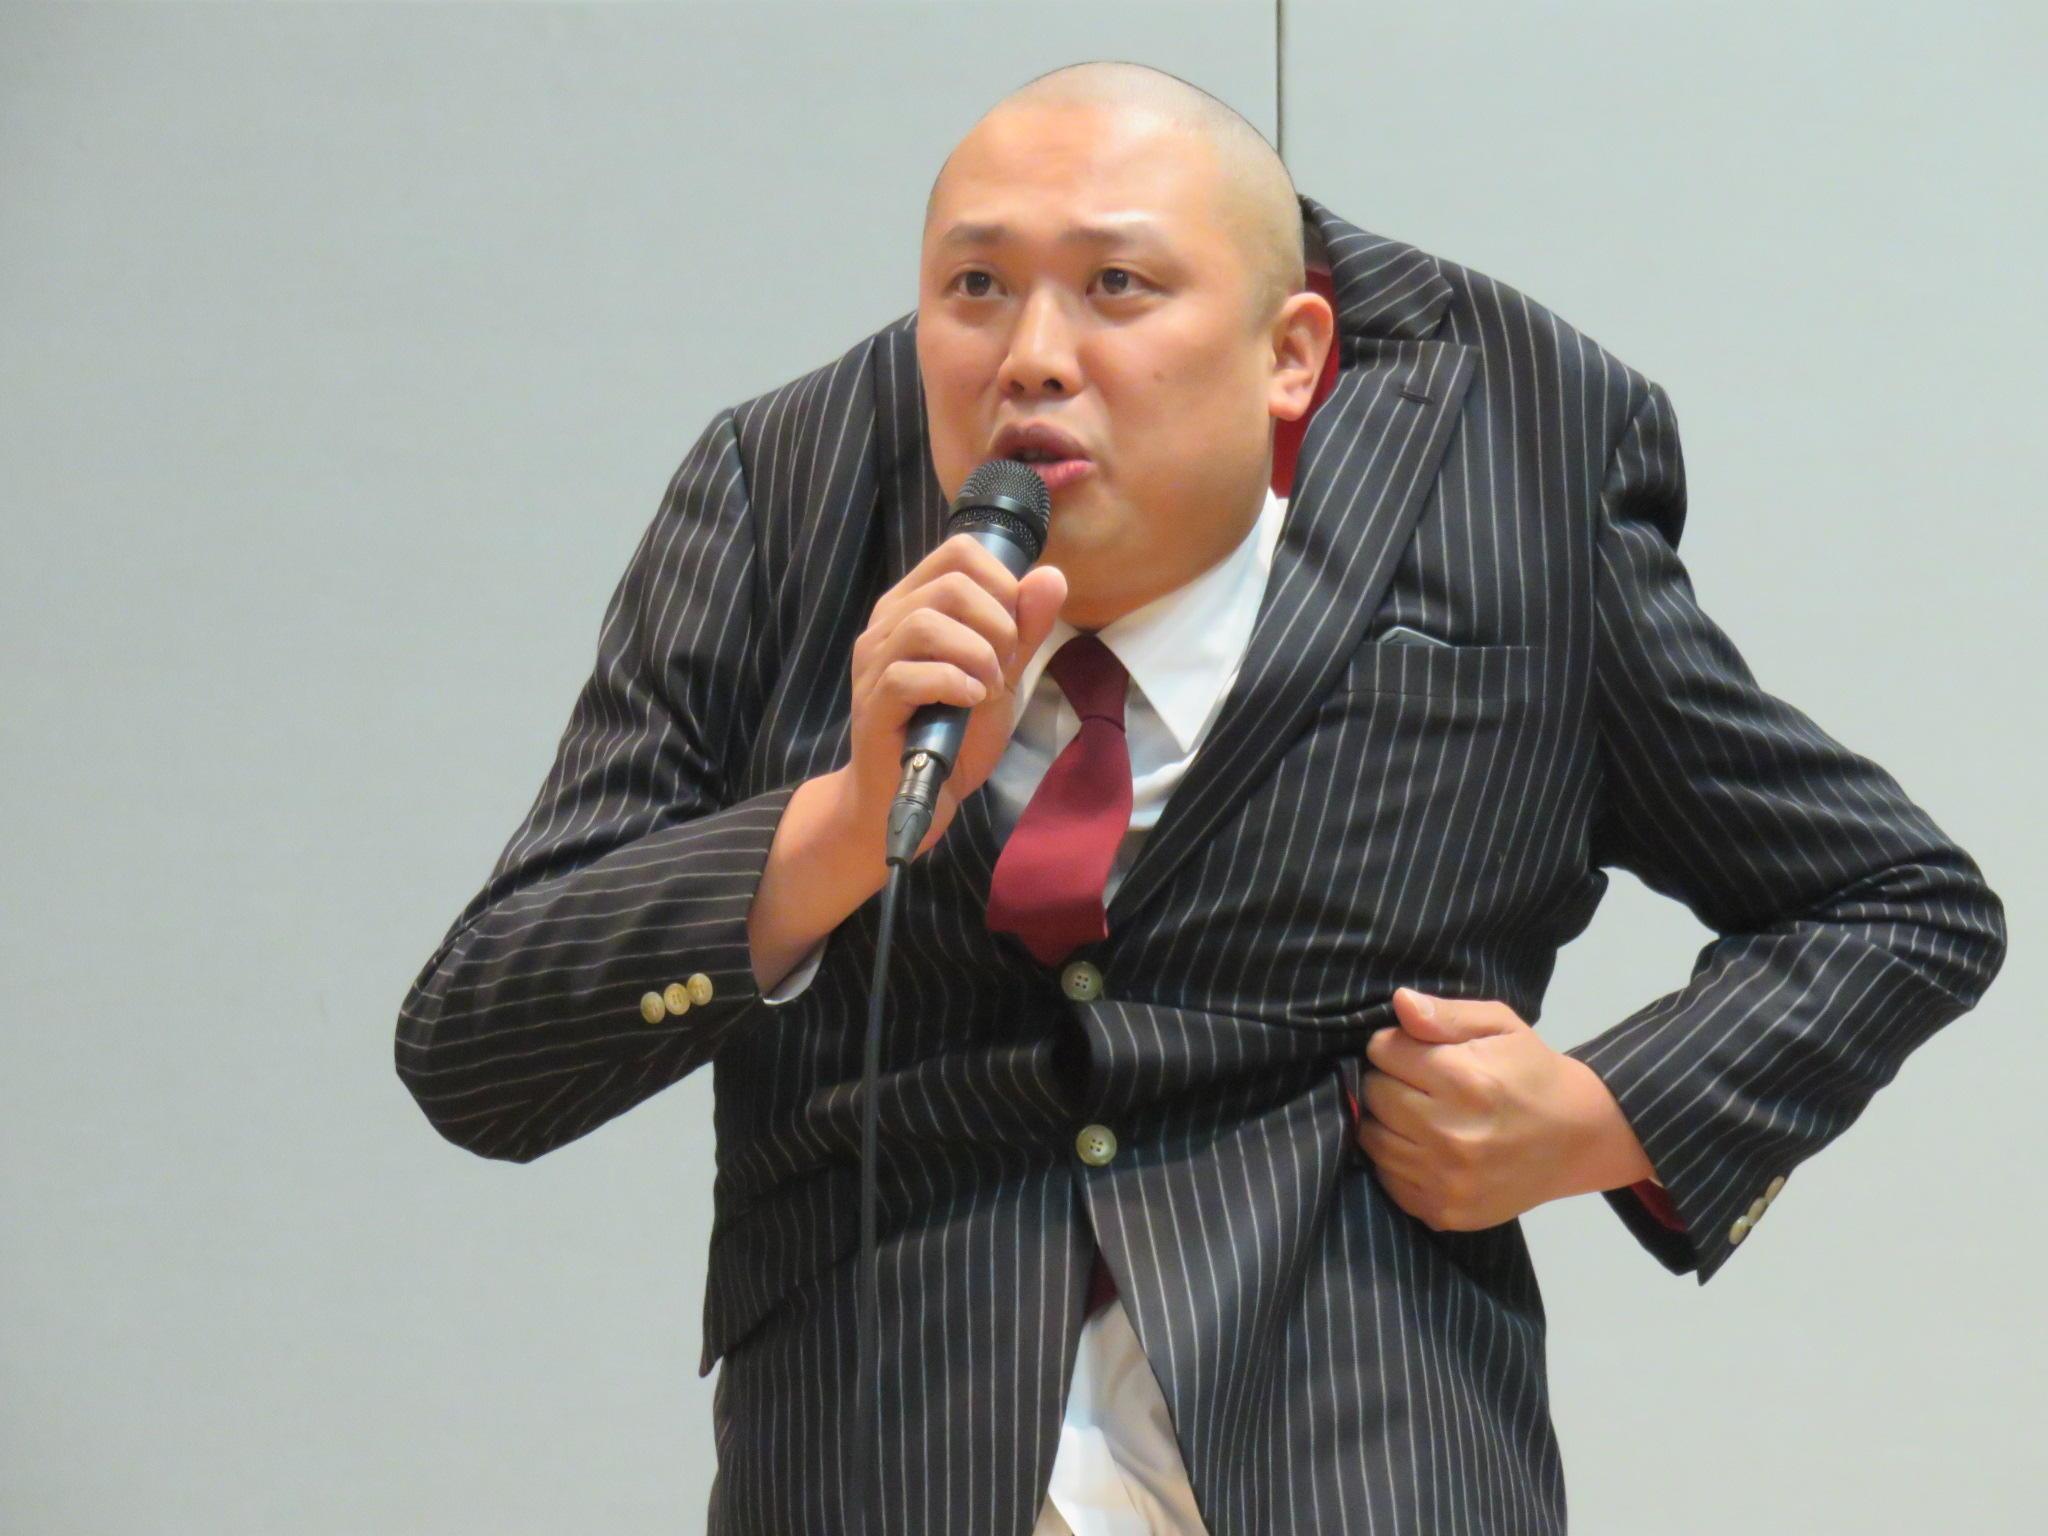 http://news.yoshimoto.co.jp/20161130210606-36579ccc693c0a47785301f717644820c1c49fde.jpg